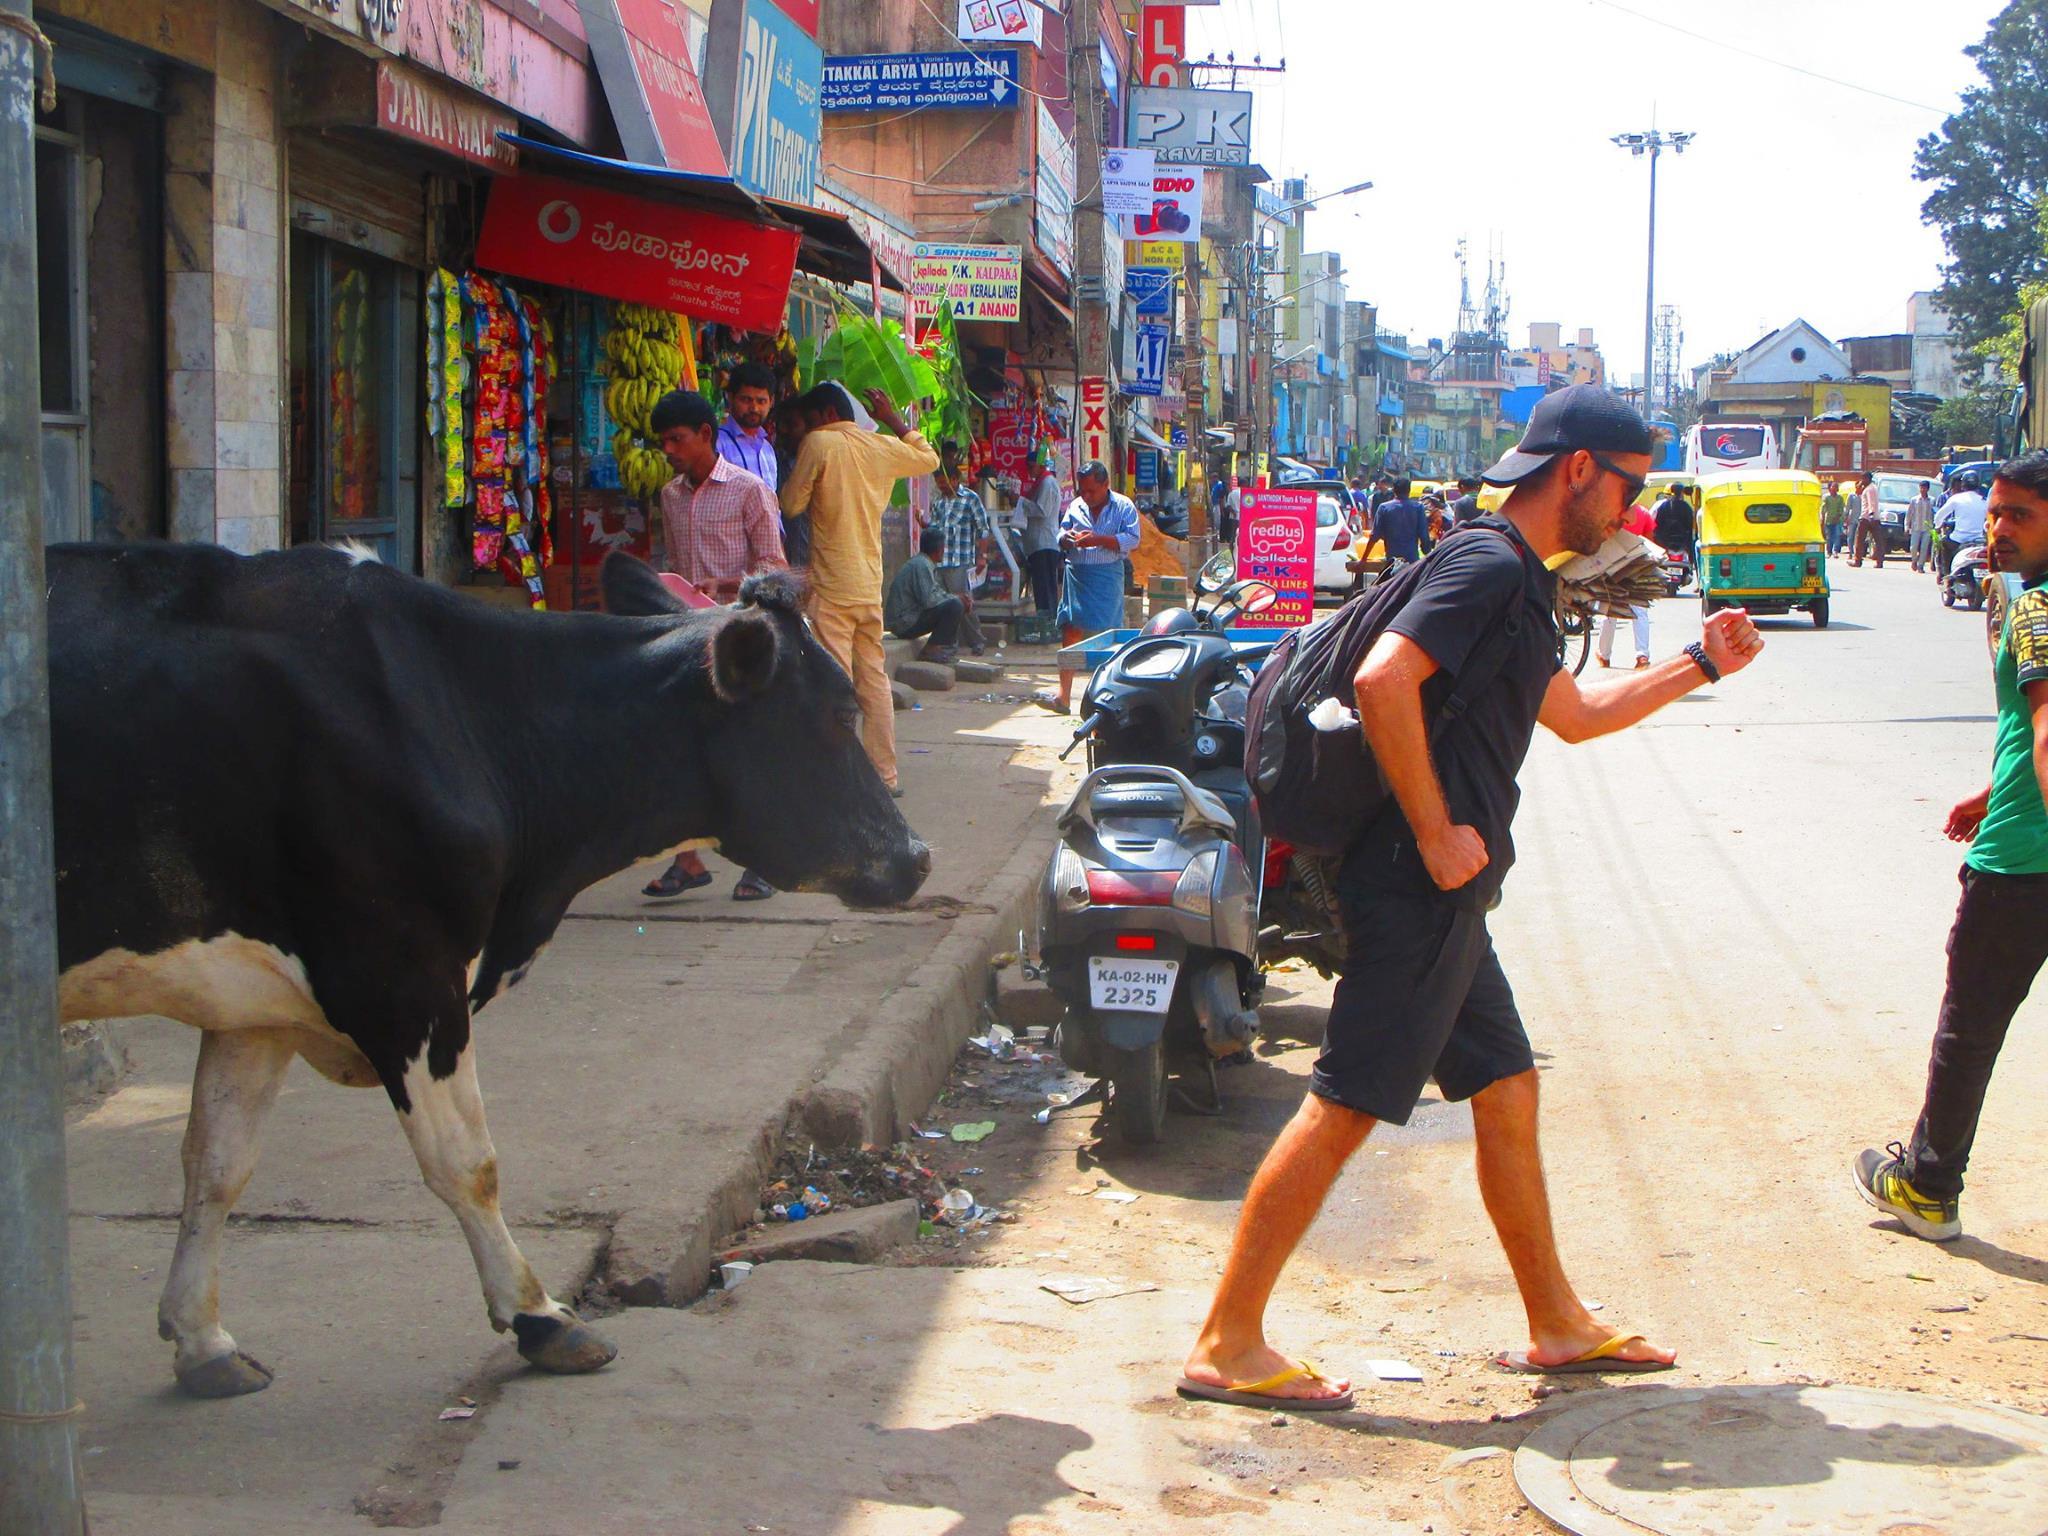 Viviendo por el Mundo, Iván con una vaca en Bangalore, India